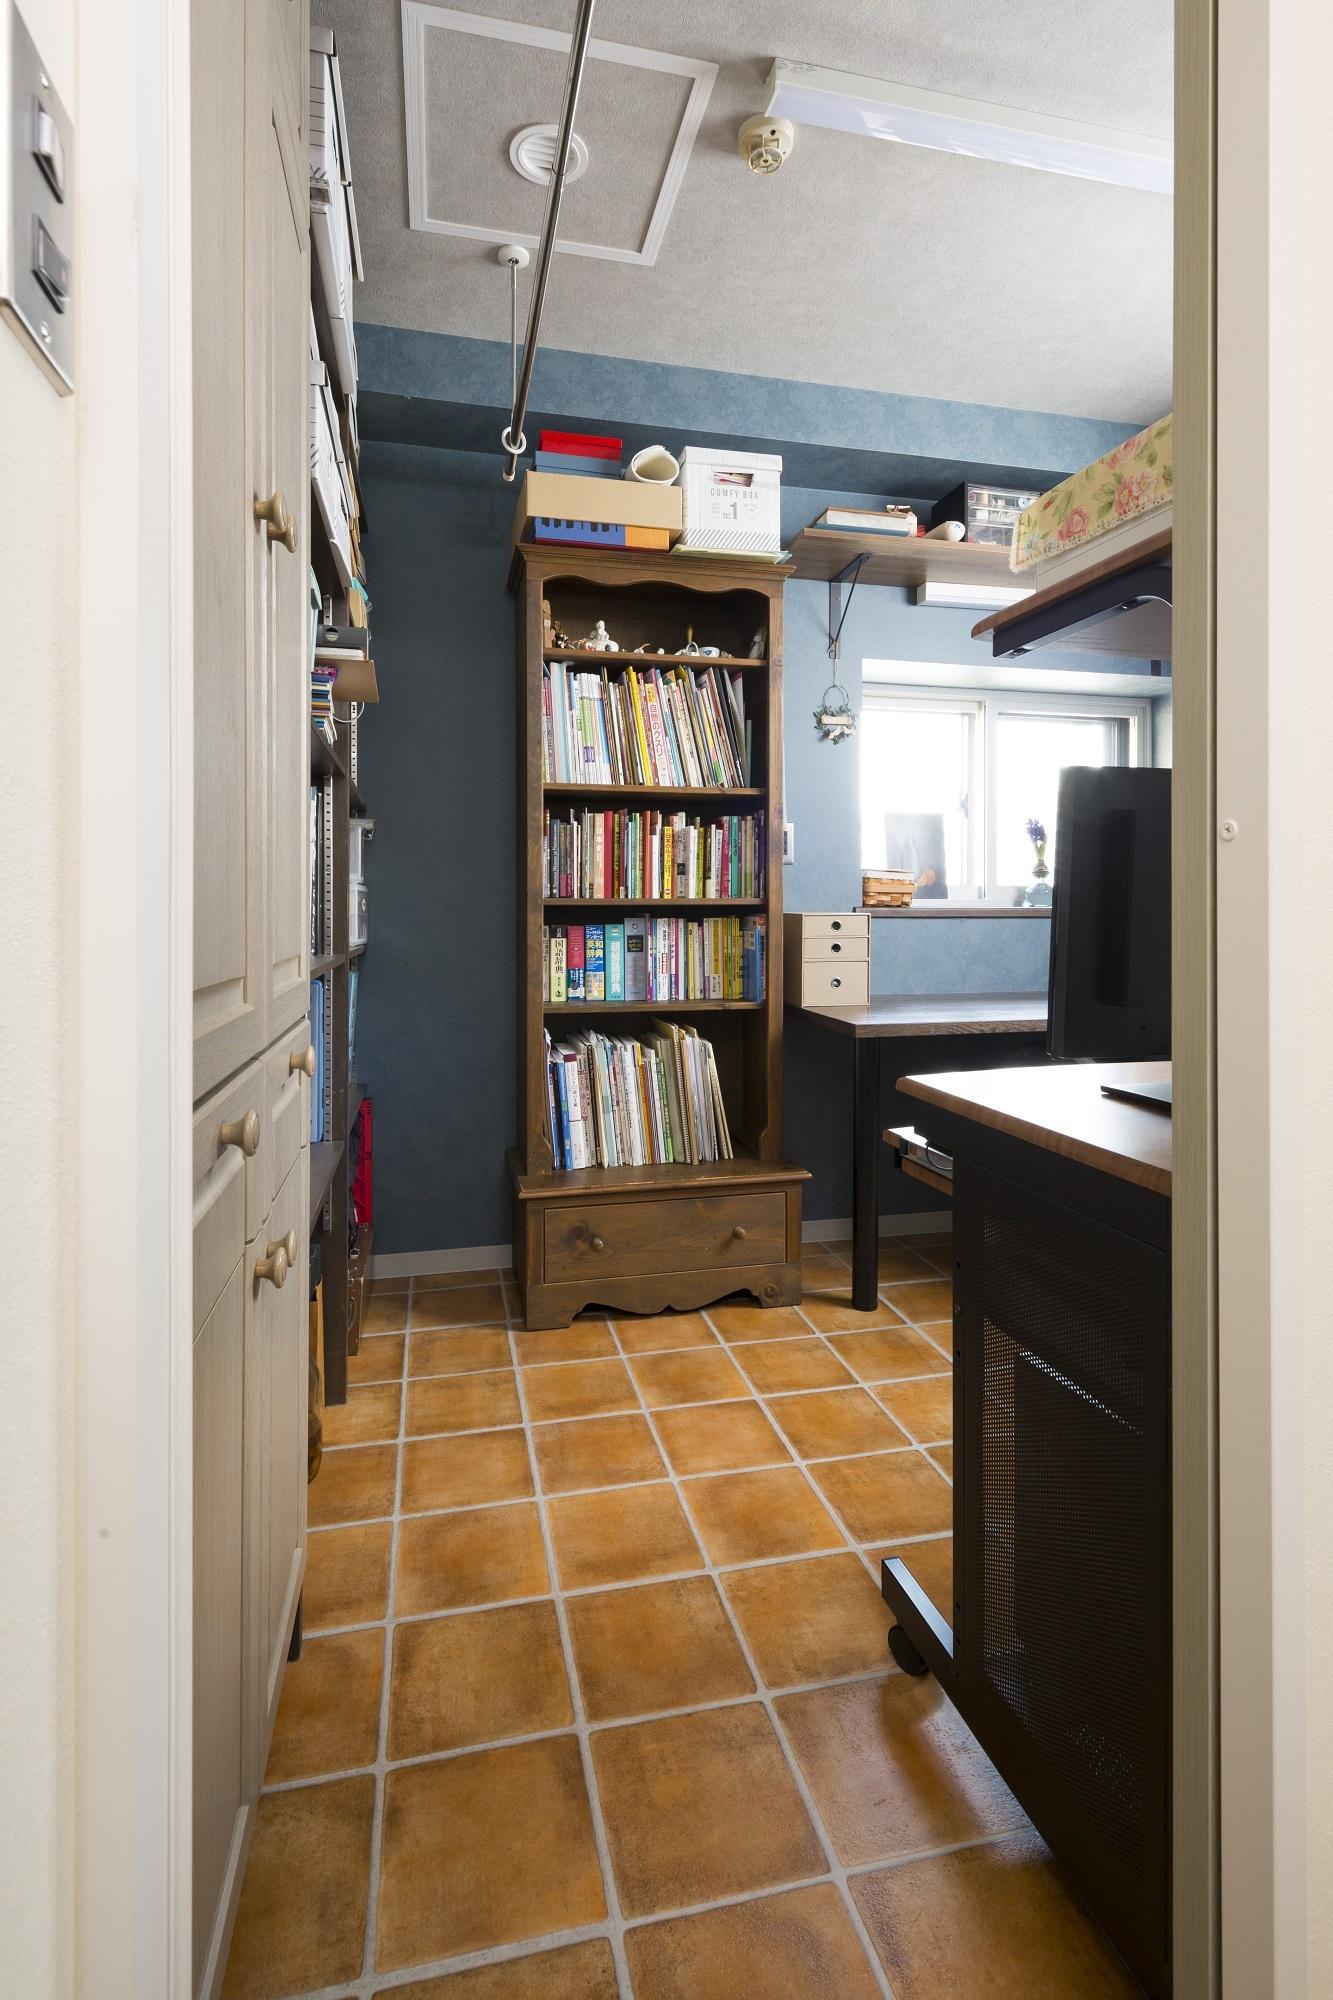 水回り側の入口から見た奥さまのアトリエ兼パントリー。床はキッチンまで同じテラコッタ風のフロアで、壁は奥さまが好きなブルーに